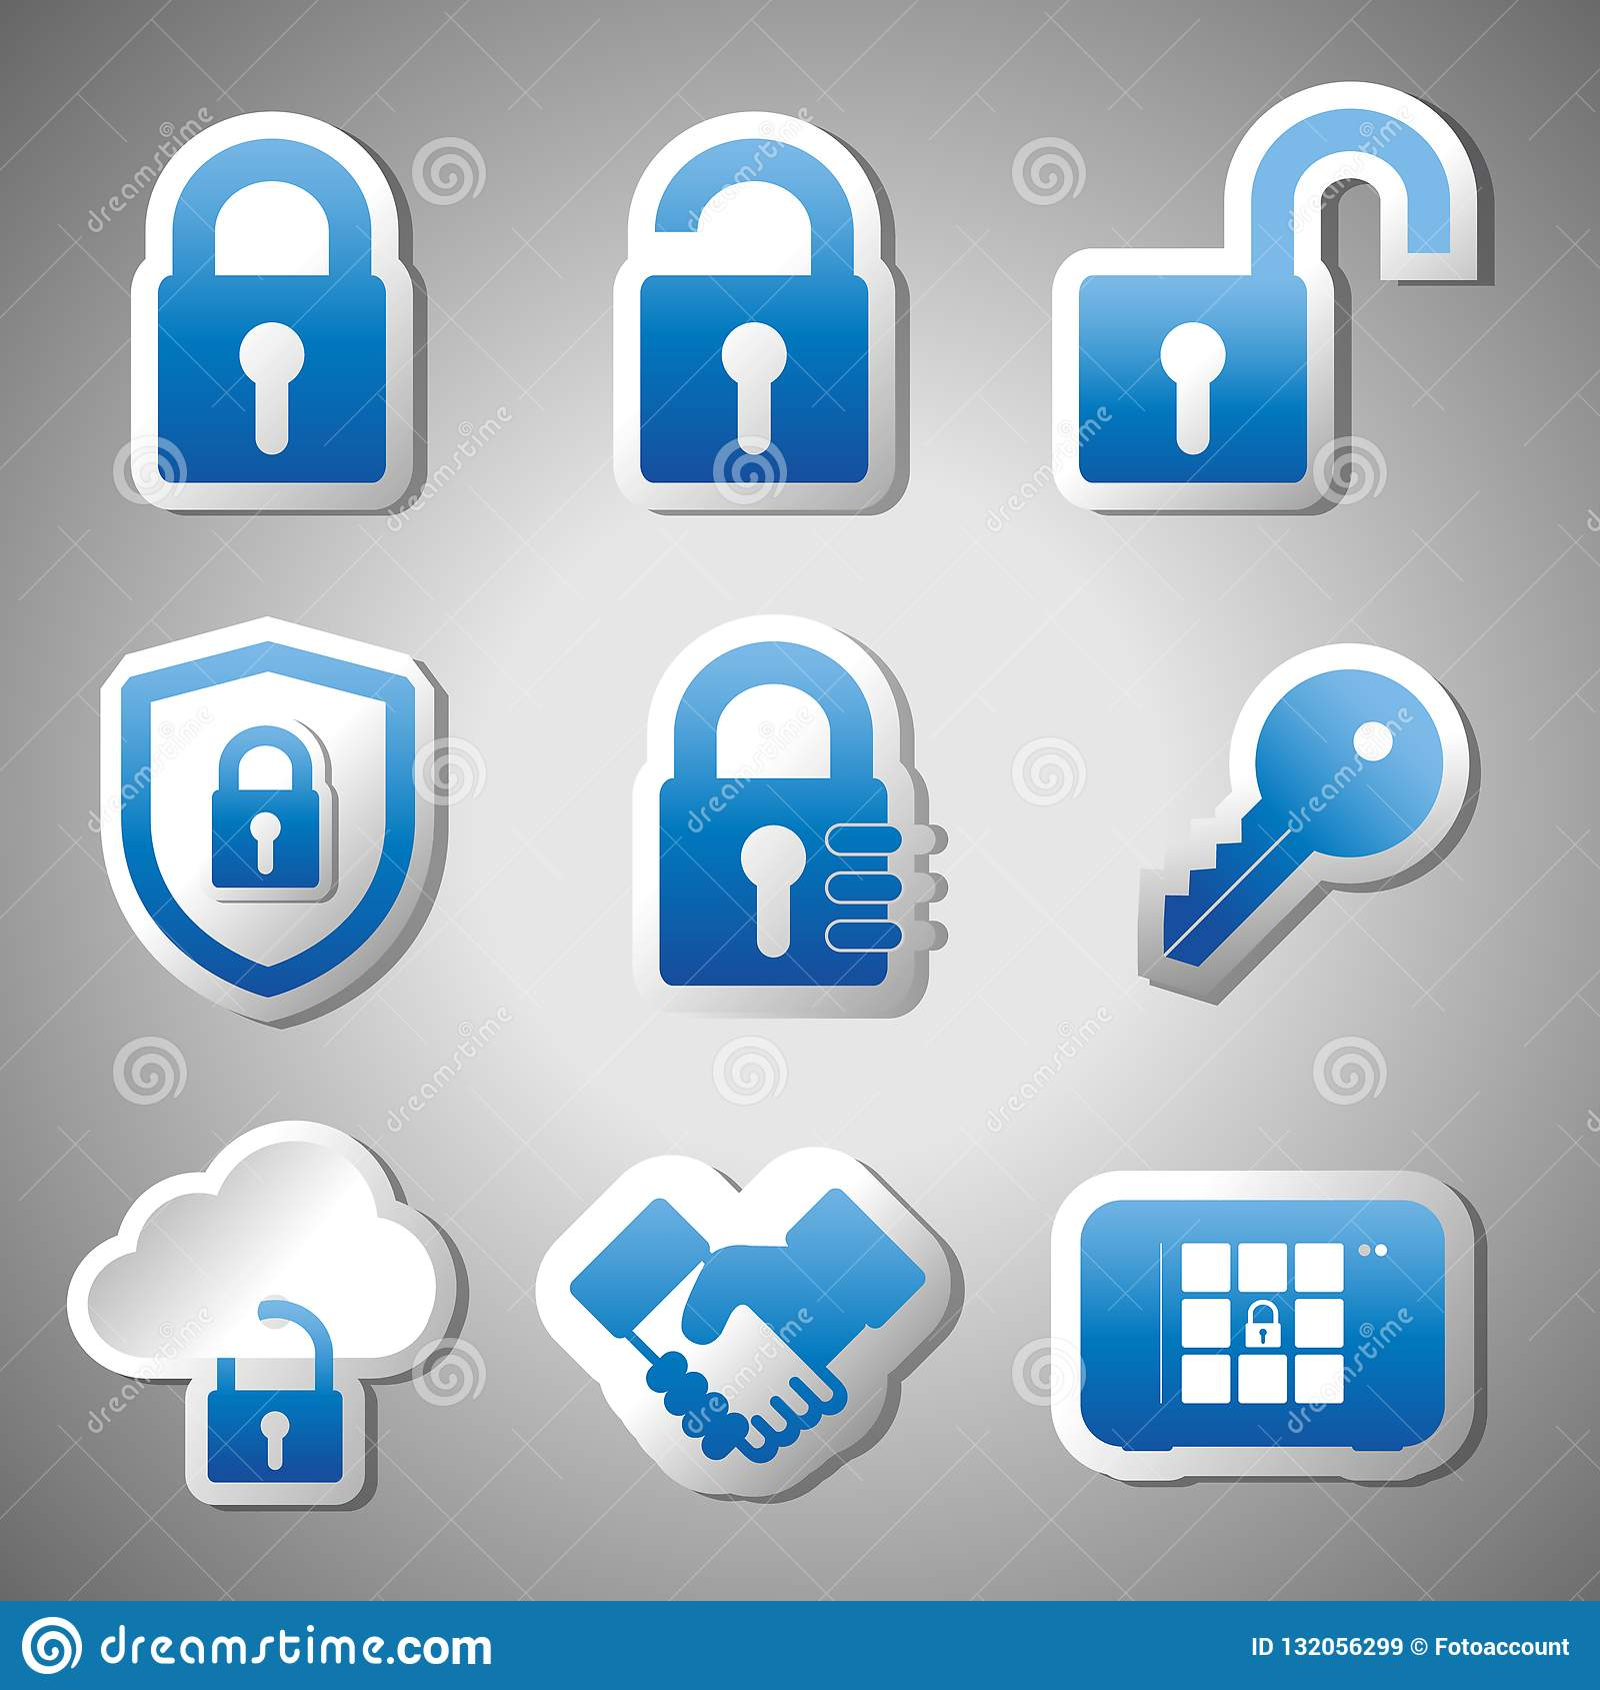 Säkerhetsklistermärkesymbolen ställde in - blåa vektorillustrationer - isolerat på Gray Gradient Background